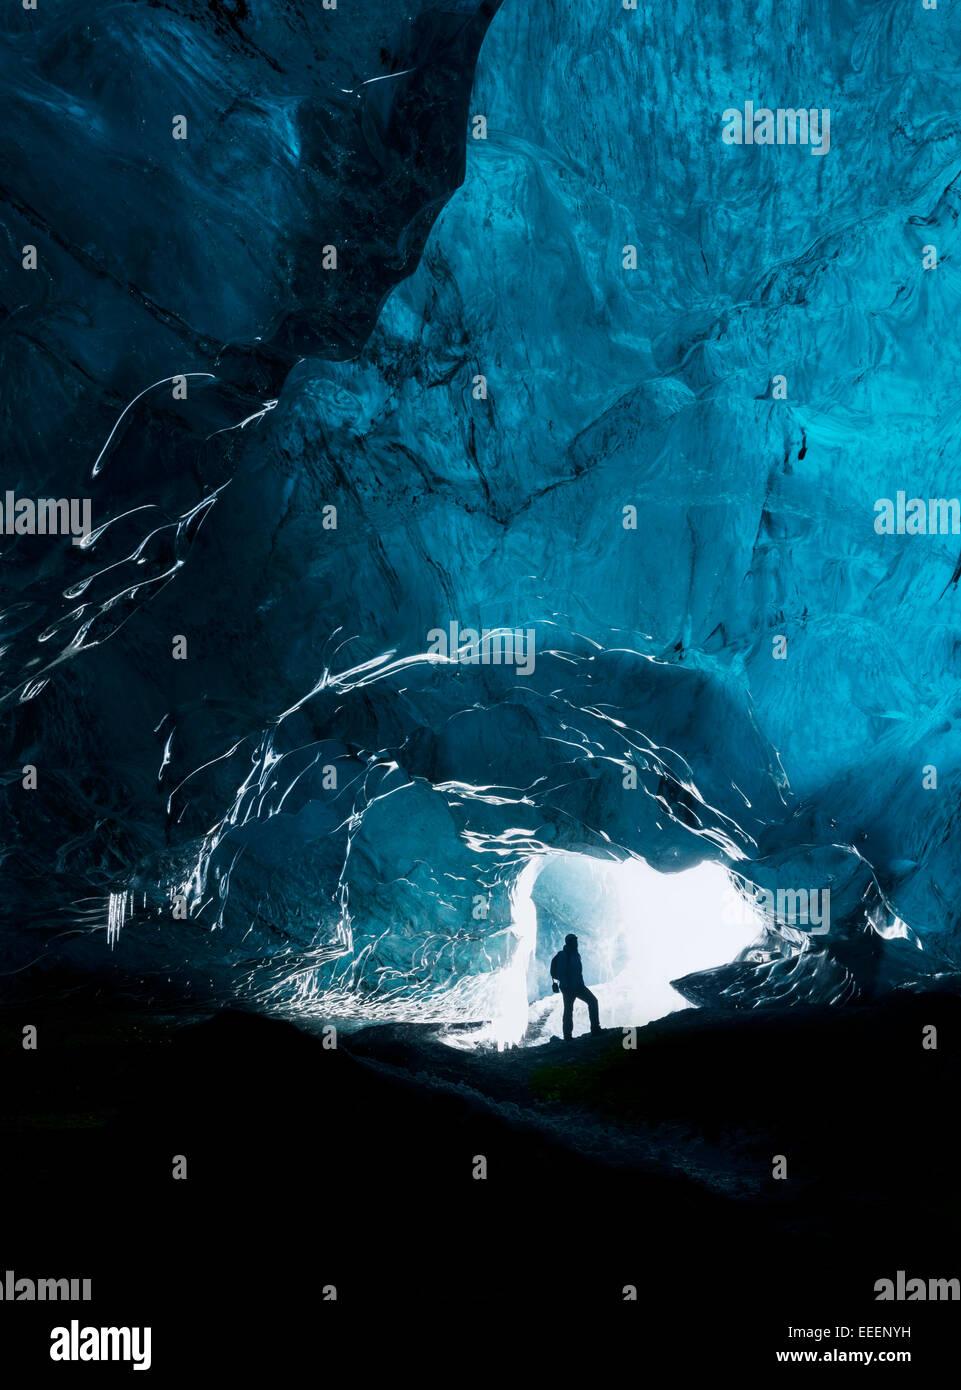 Menschen, die eine erstaunliche Eishöhle in Island erkunden Stockbild